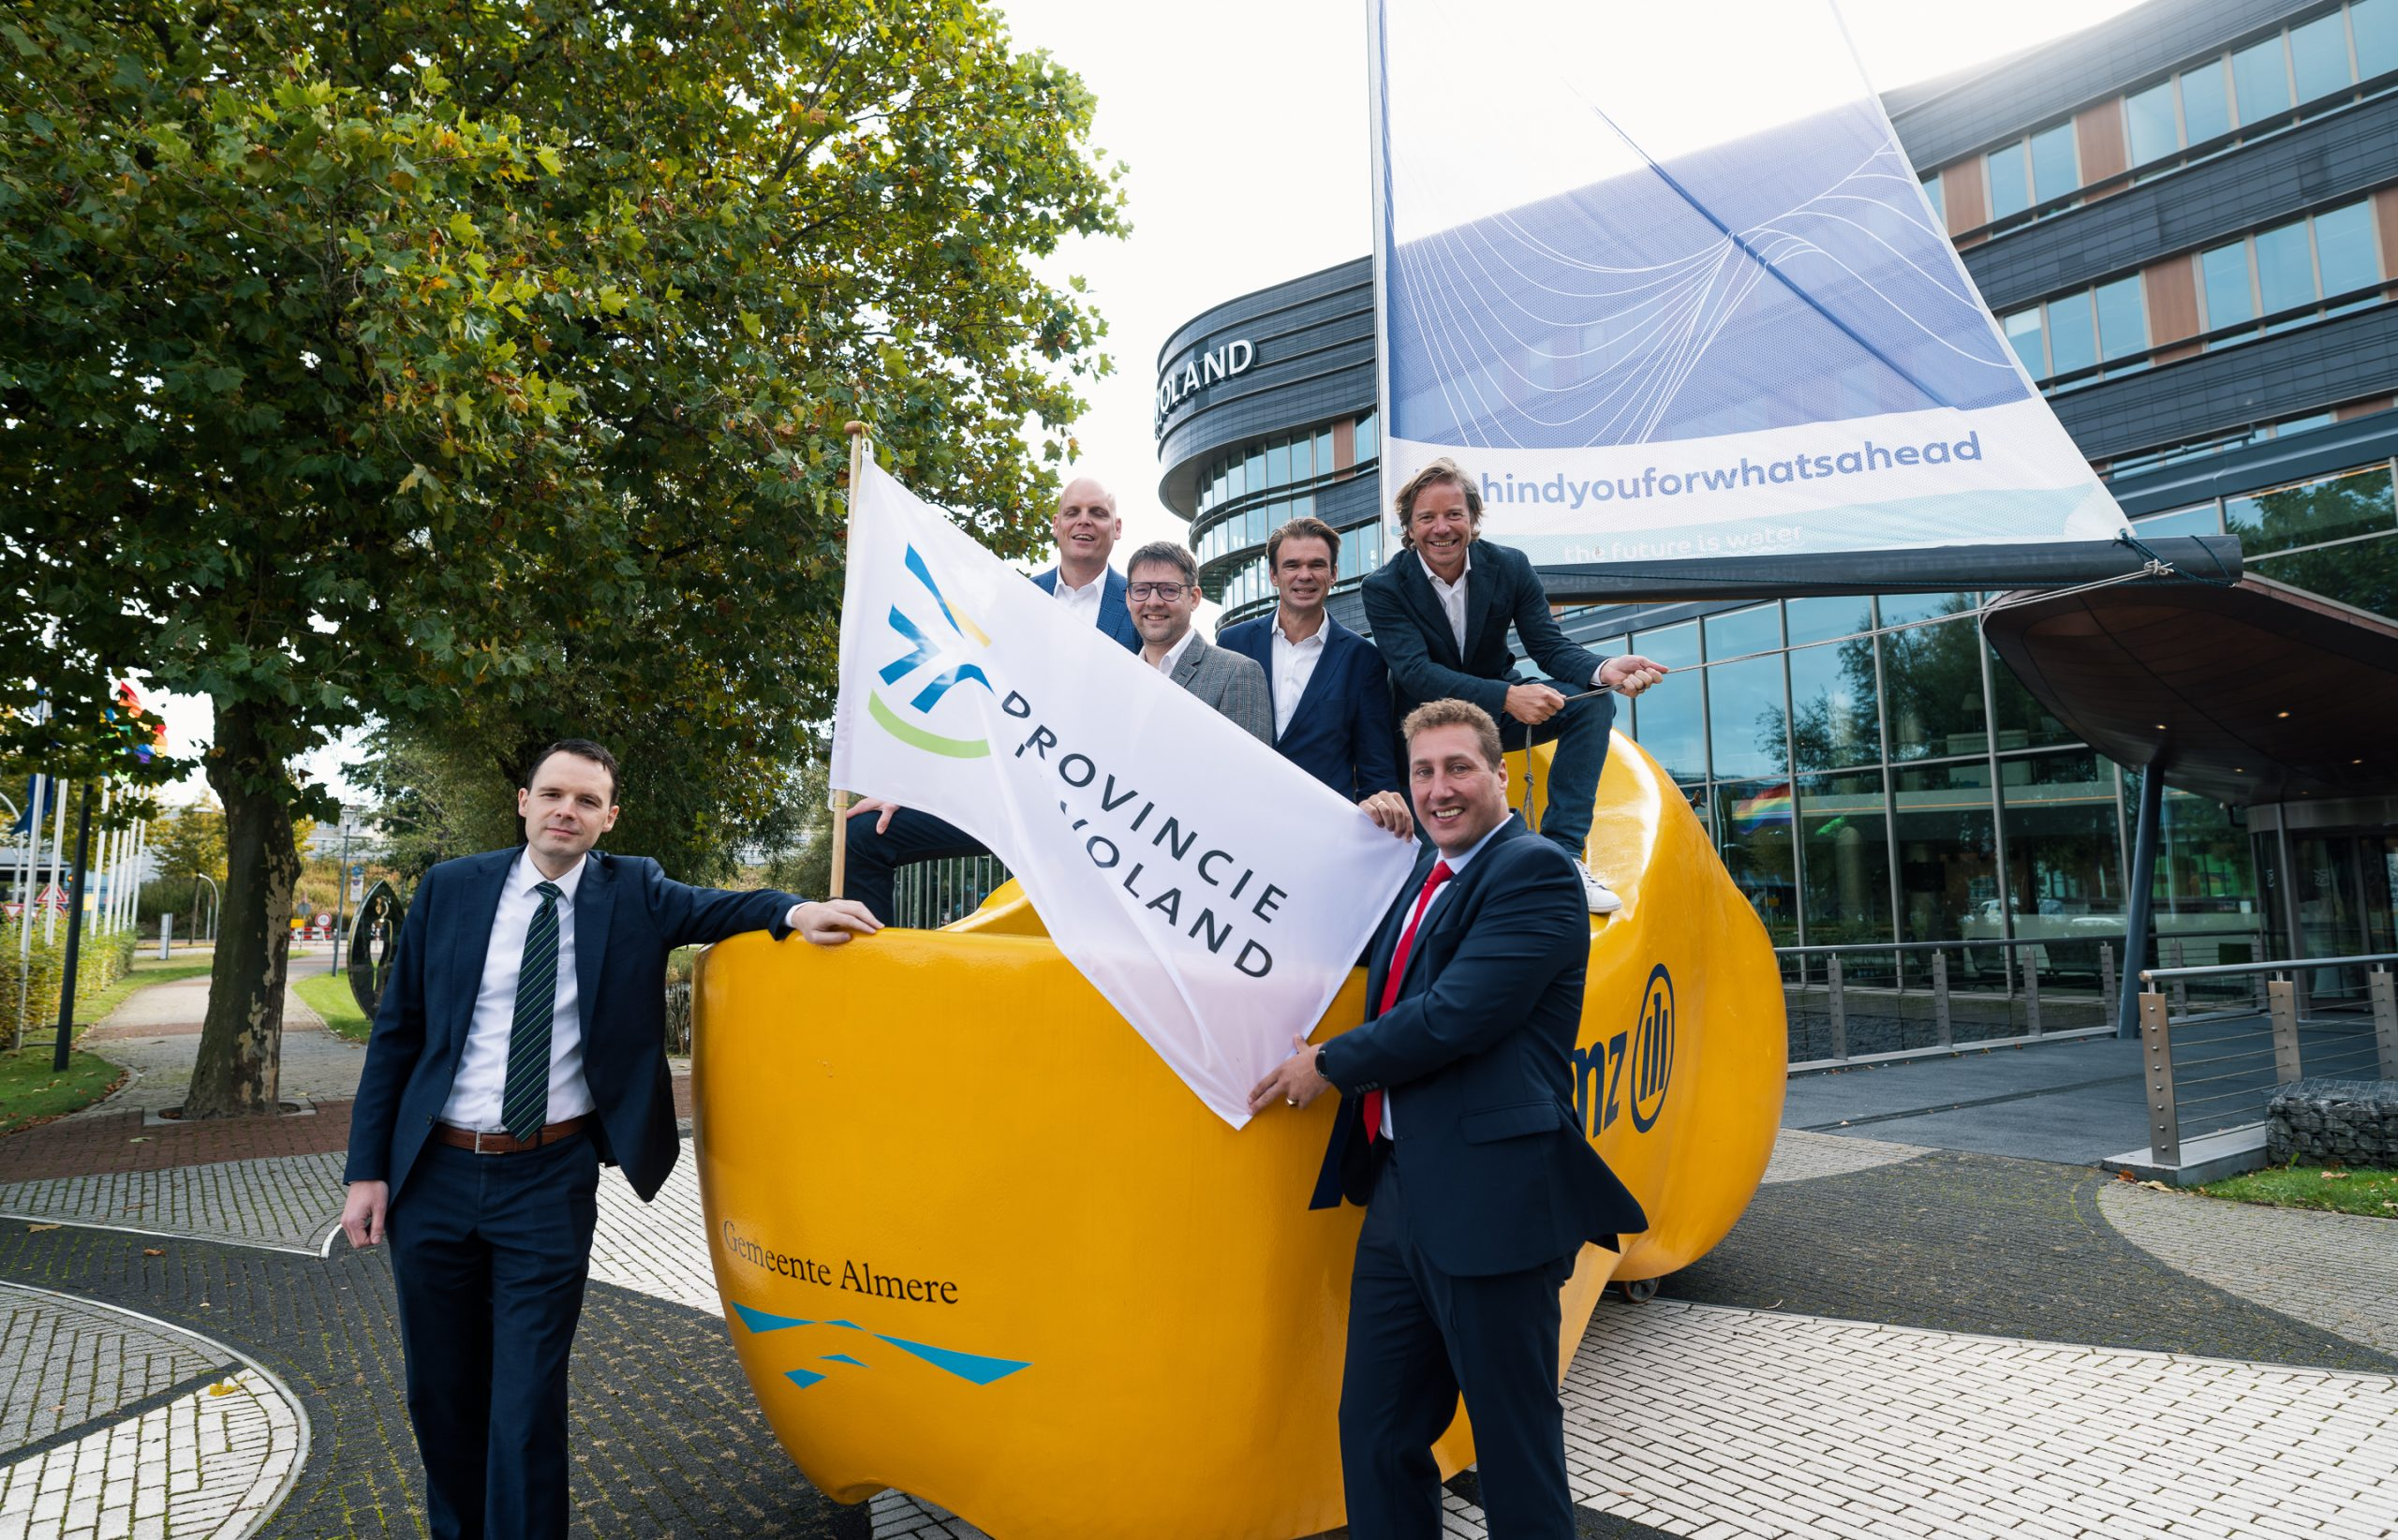 Allianz Regatta to Almira as part of Dutch Water Week